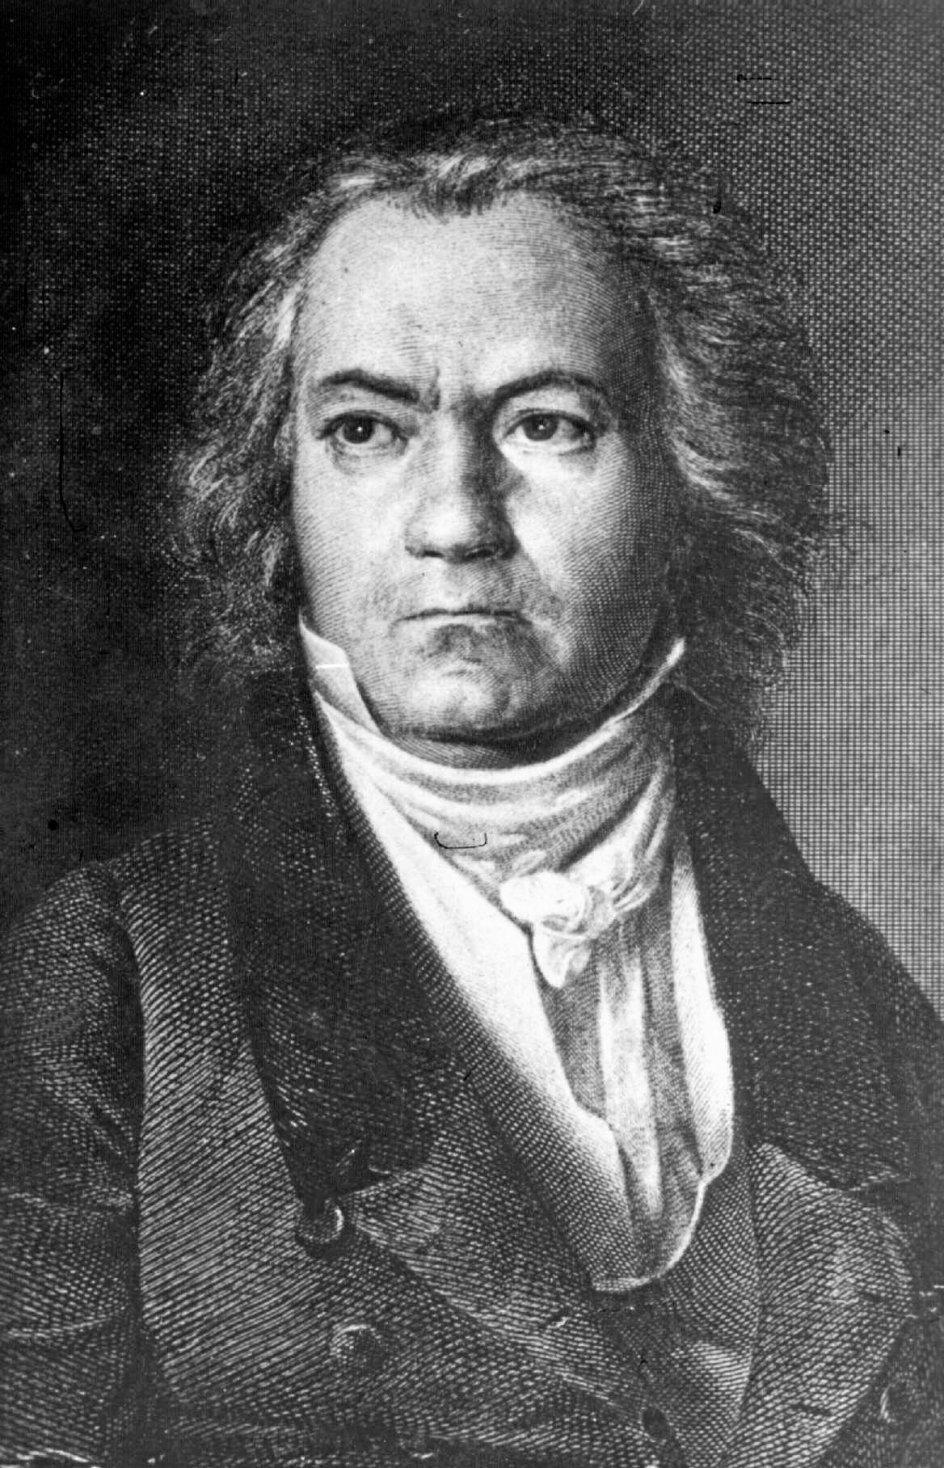 Et nyt studie konkluderer, at Beethoven var mere kreativ og produktiv i perioder, hvor sprogbruget i hans breve var præget af negative følelser som sorg. – Foto: Ritzau Scanpix.